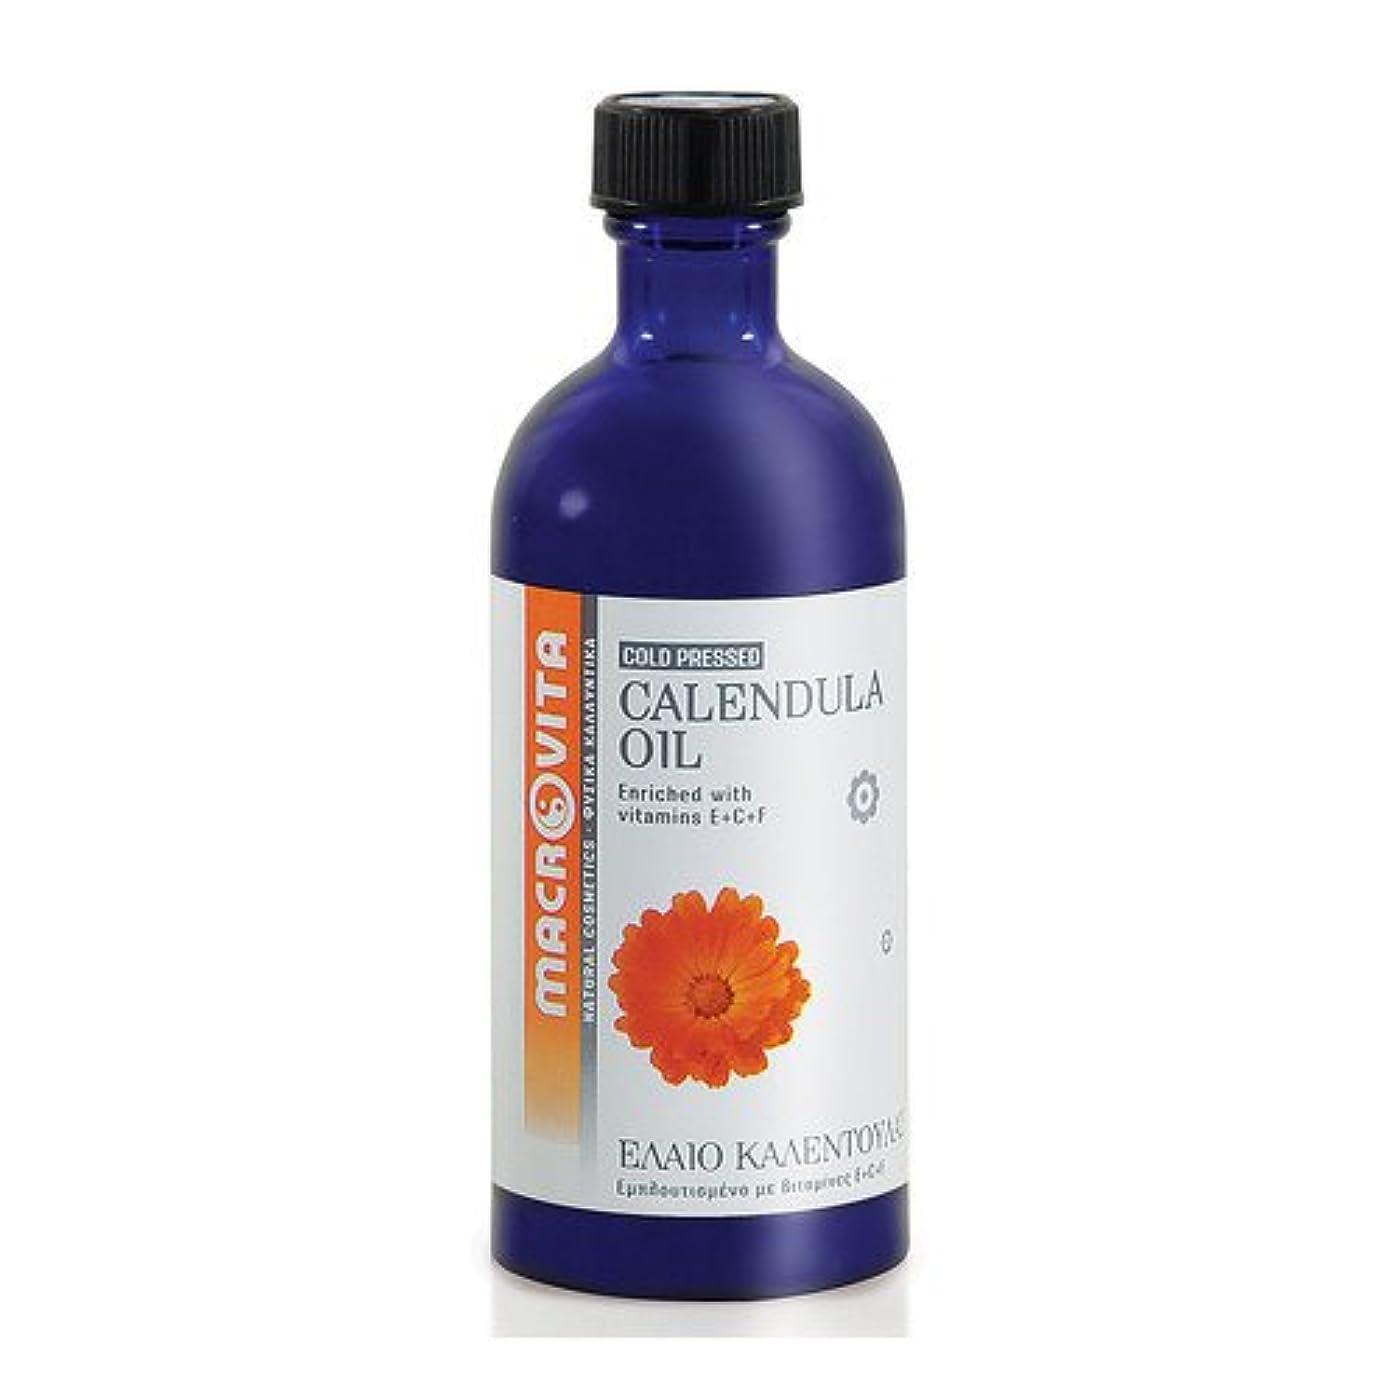 規範セール治すマクロビータ カレンデュラオイル 100ml ギリシャ自然派化粧品コスメオイル (天然成分100%)